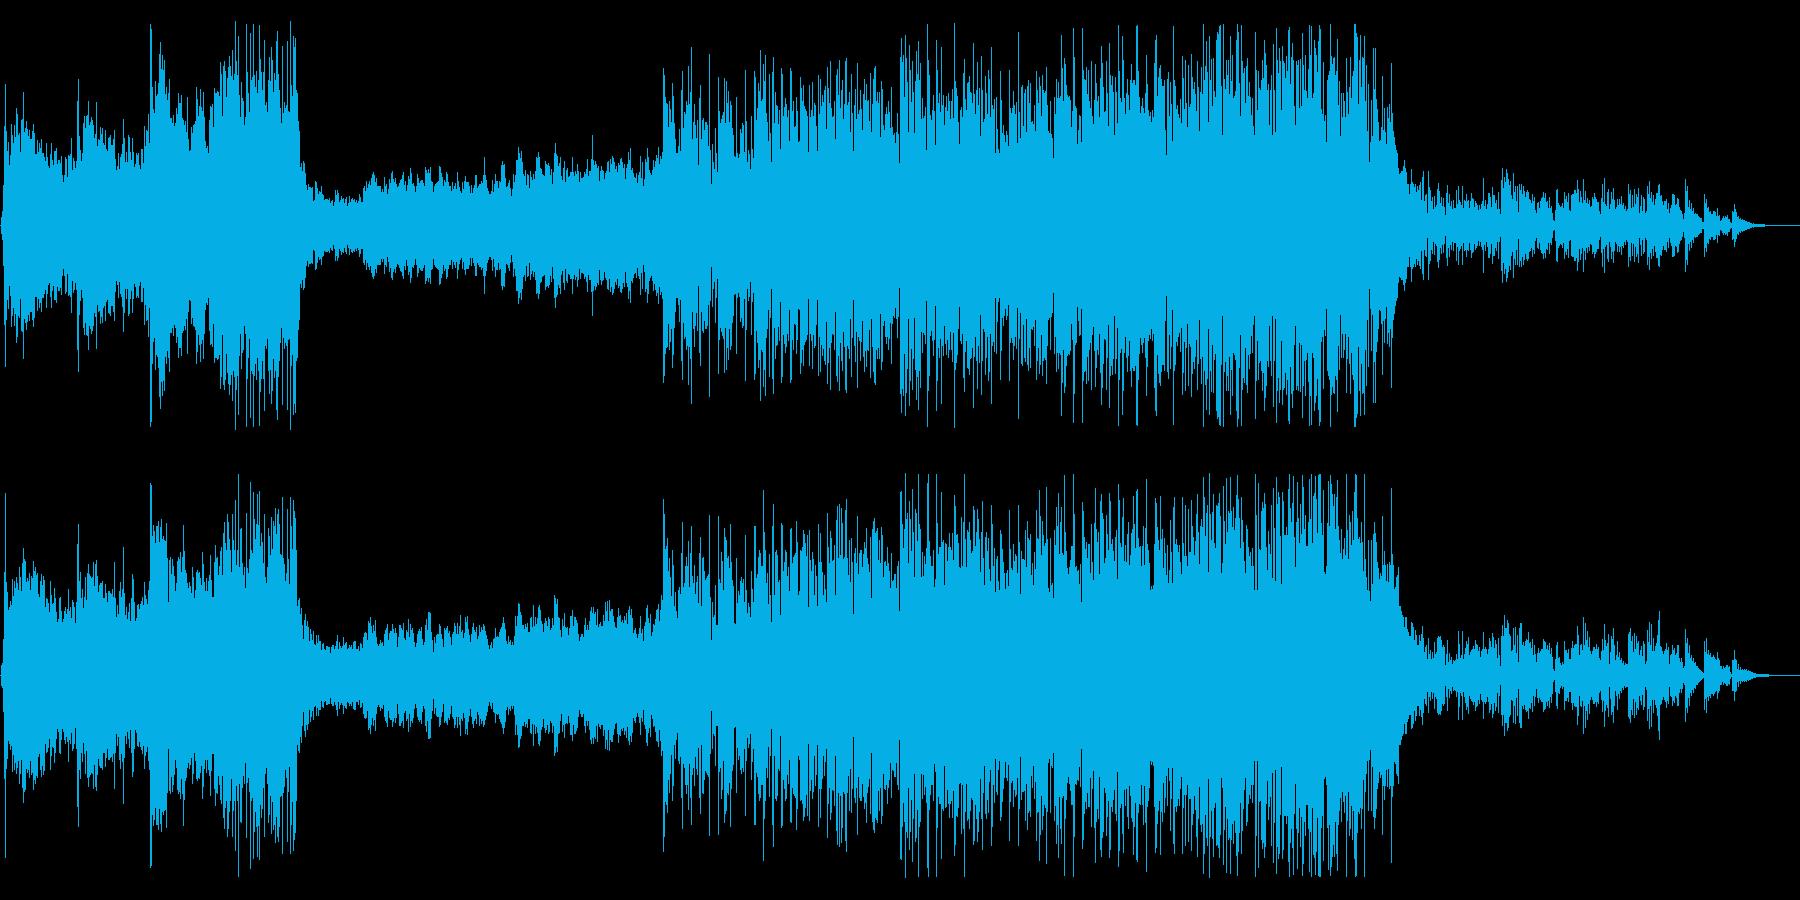 民族楽器使用の無国籍で幻想的な曲の再生済みの波形